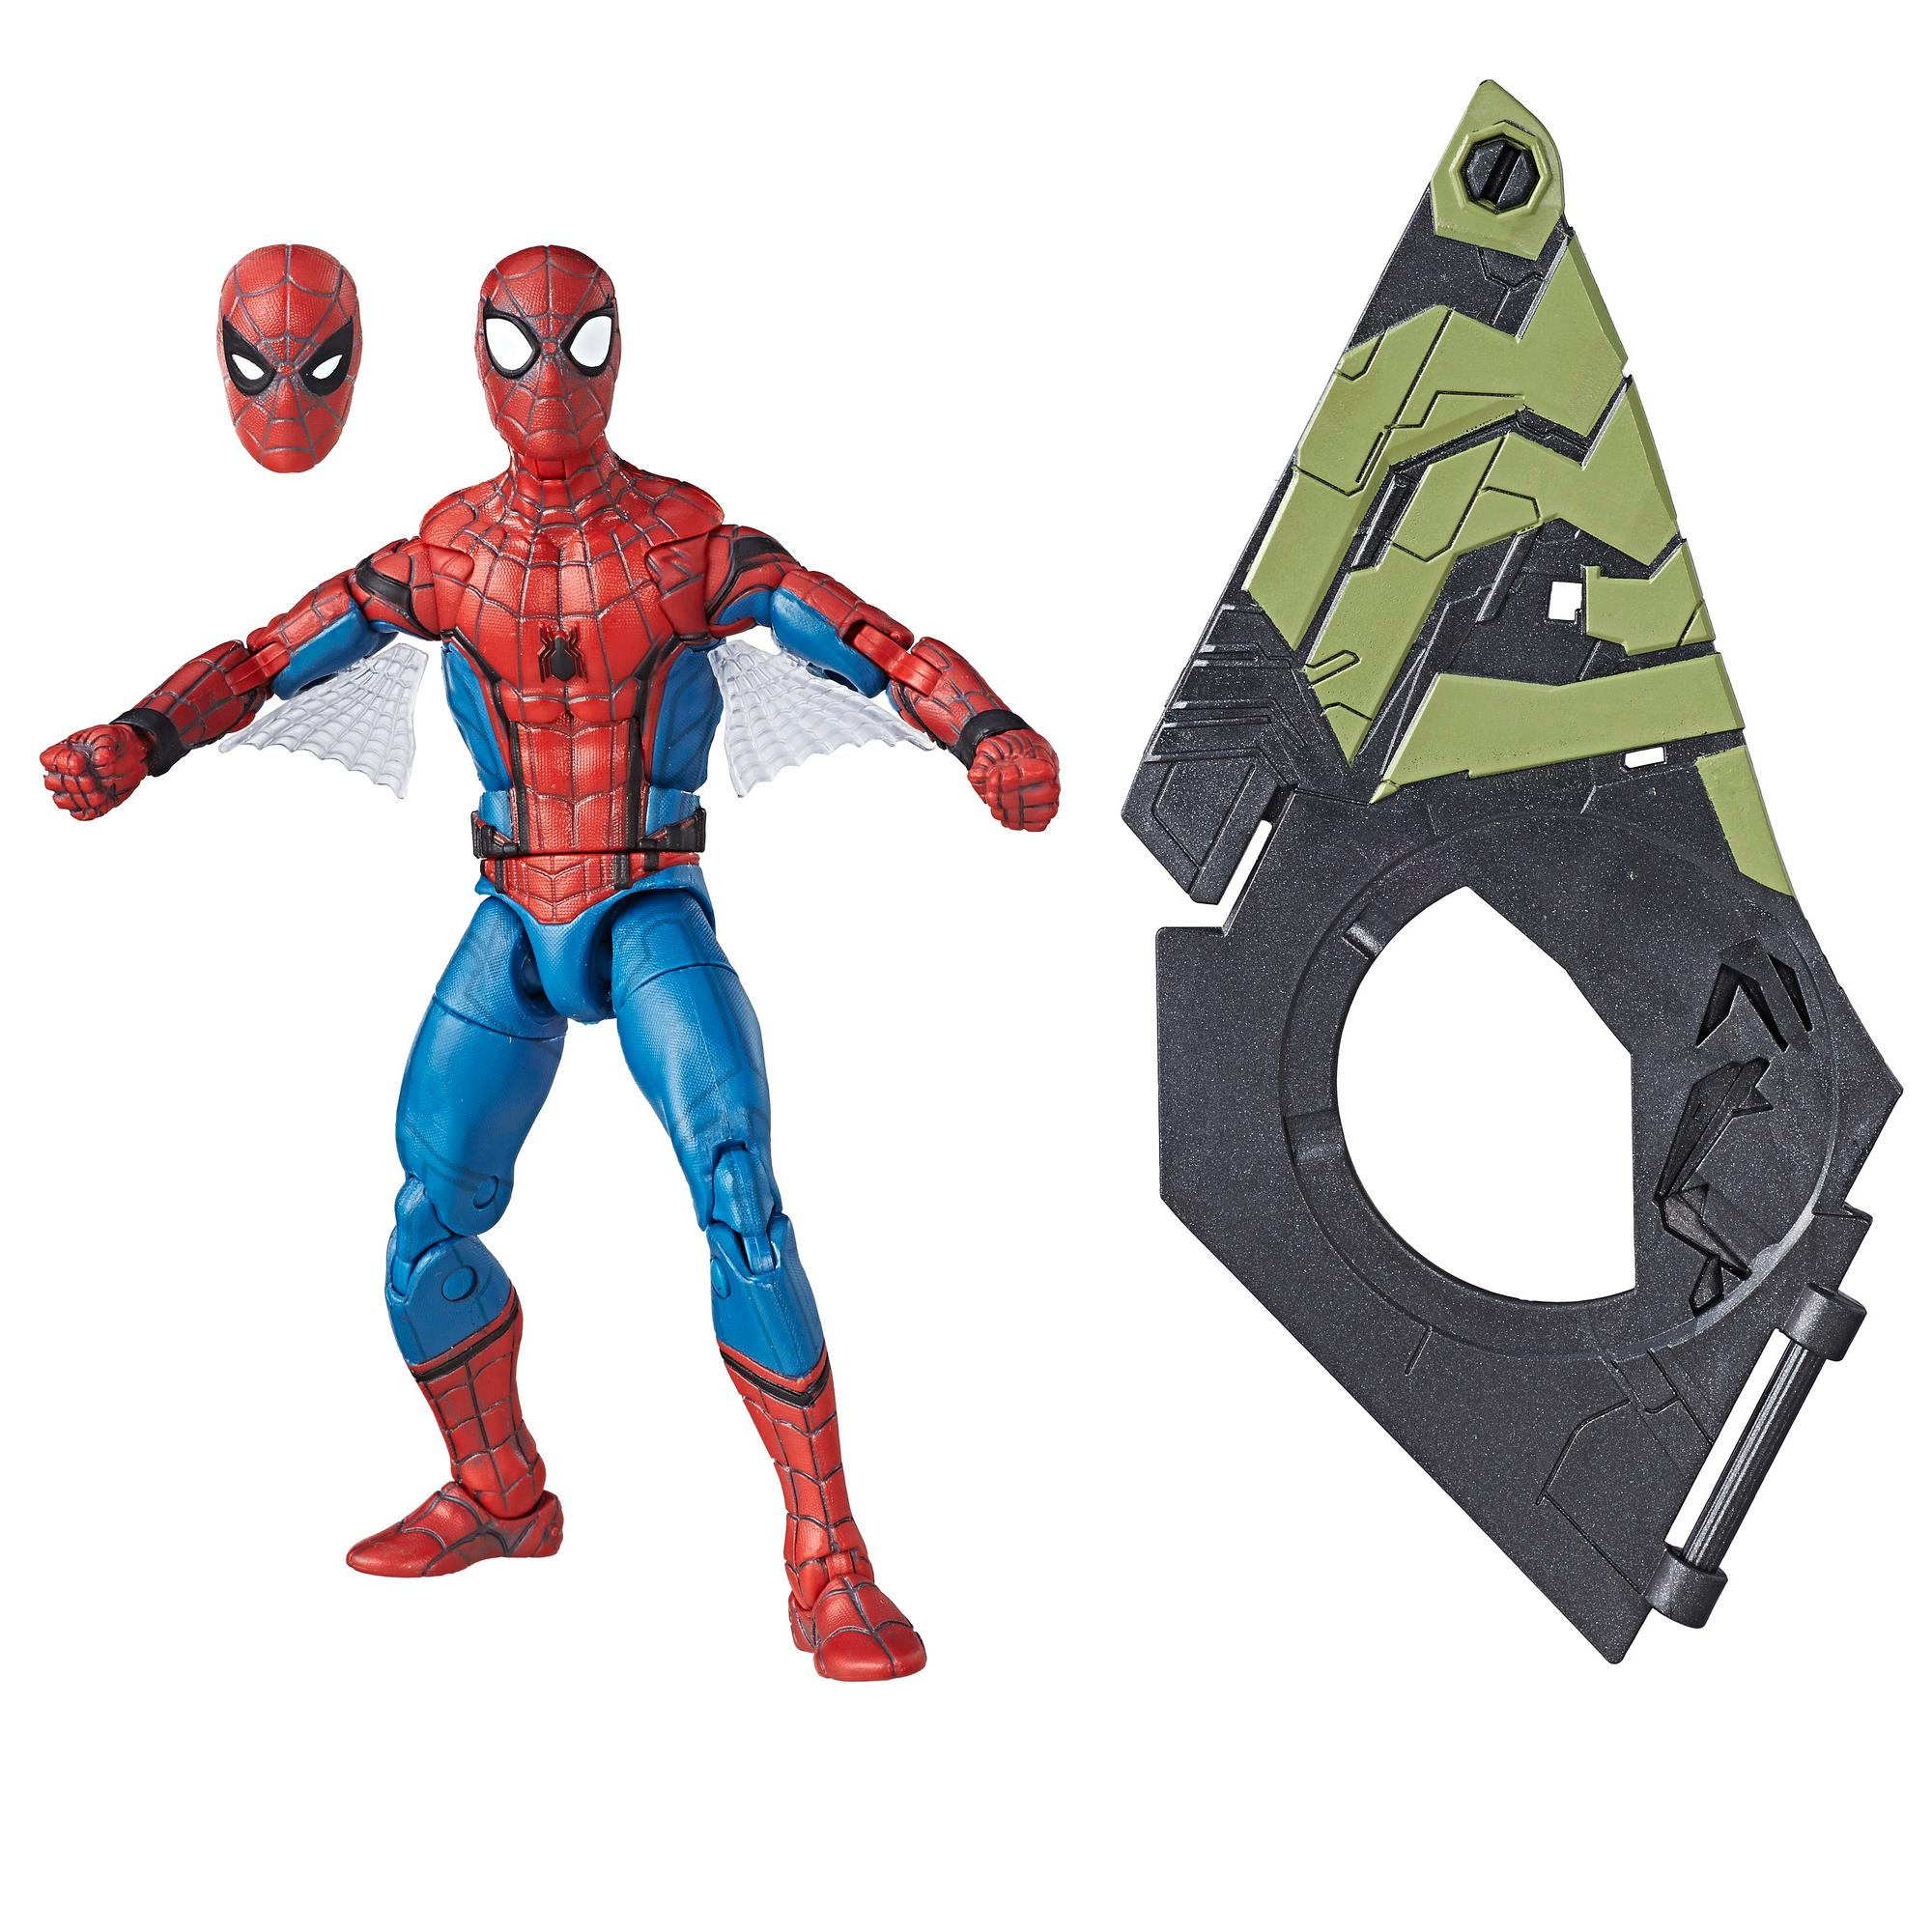 Marvel Spider-Man 6-inch Legends Series Spider-Man